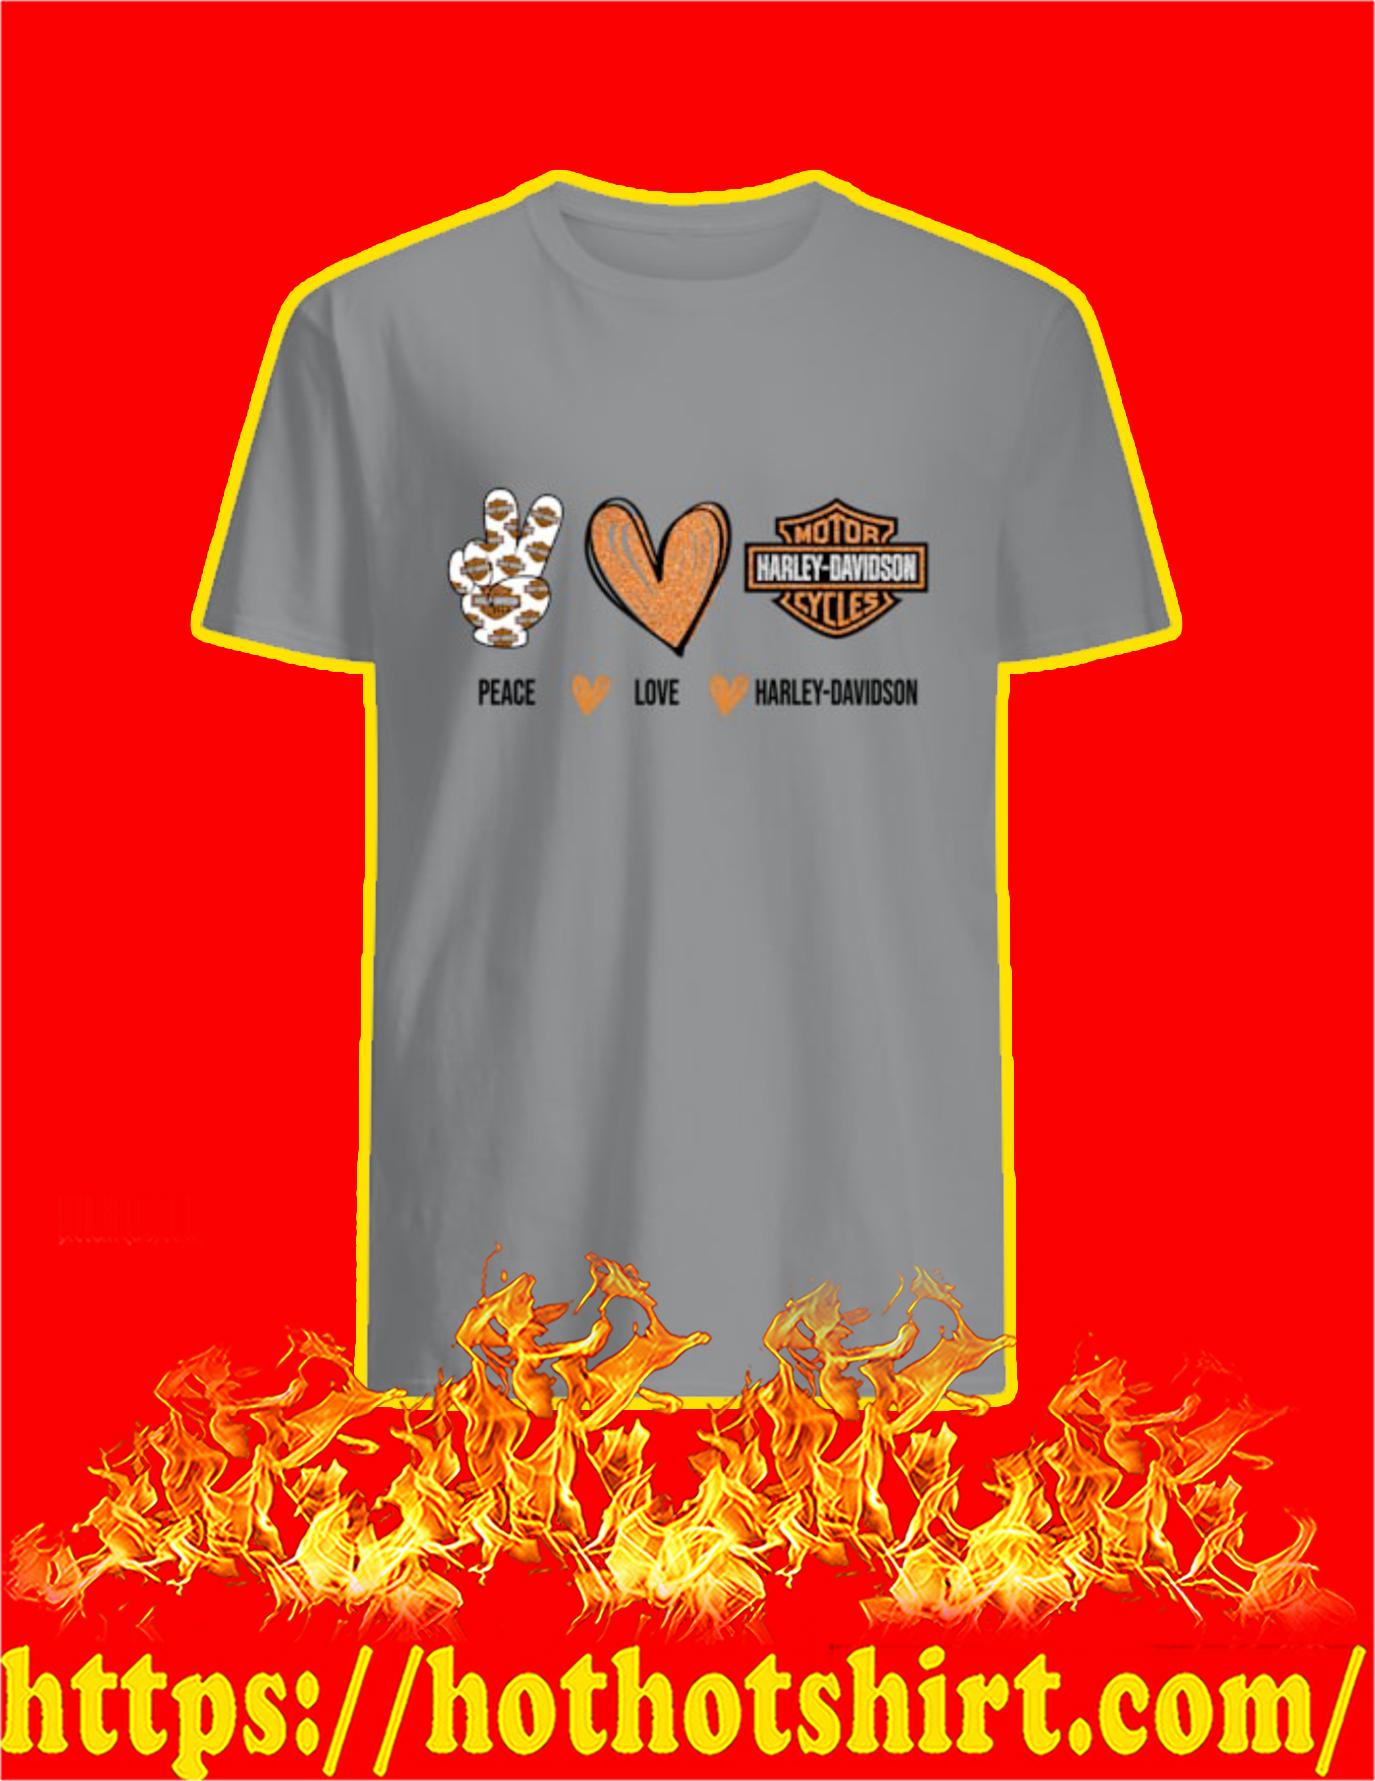 Peace Love Harley Davidson Shirt